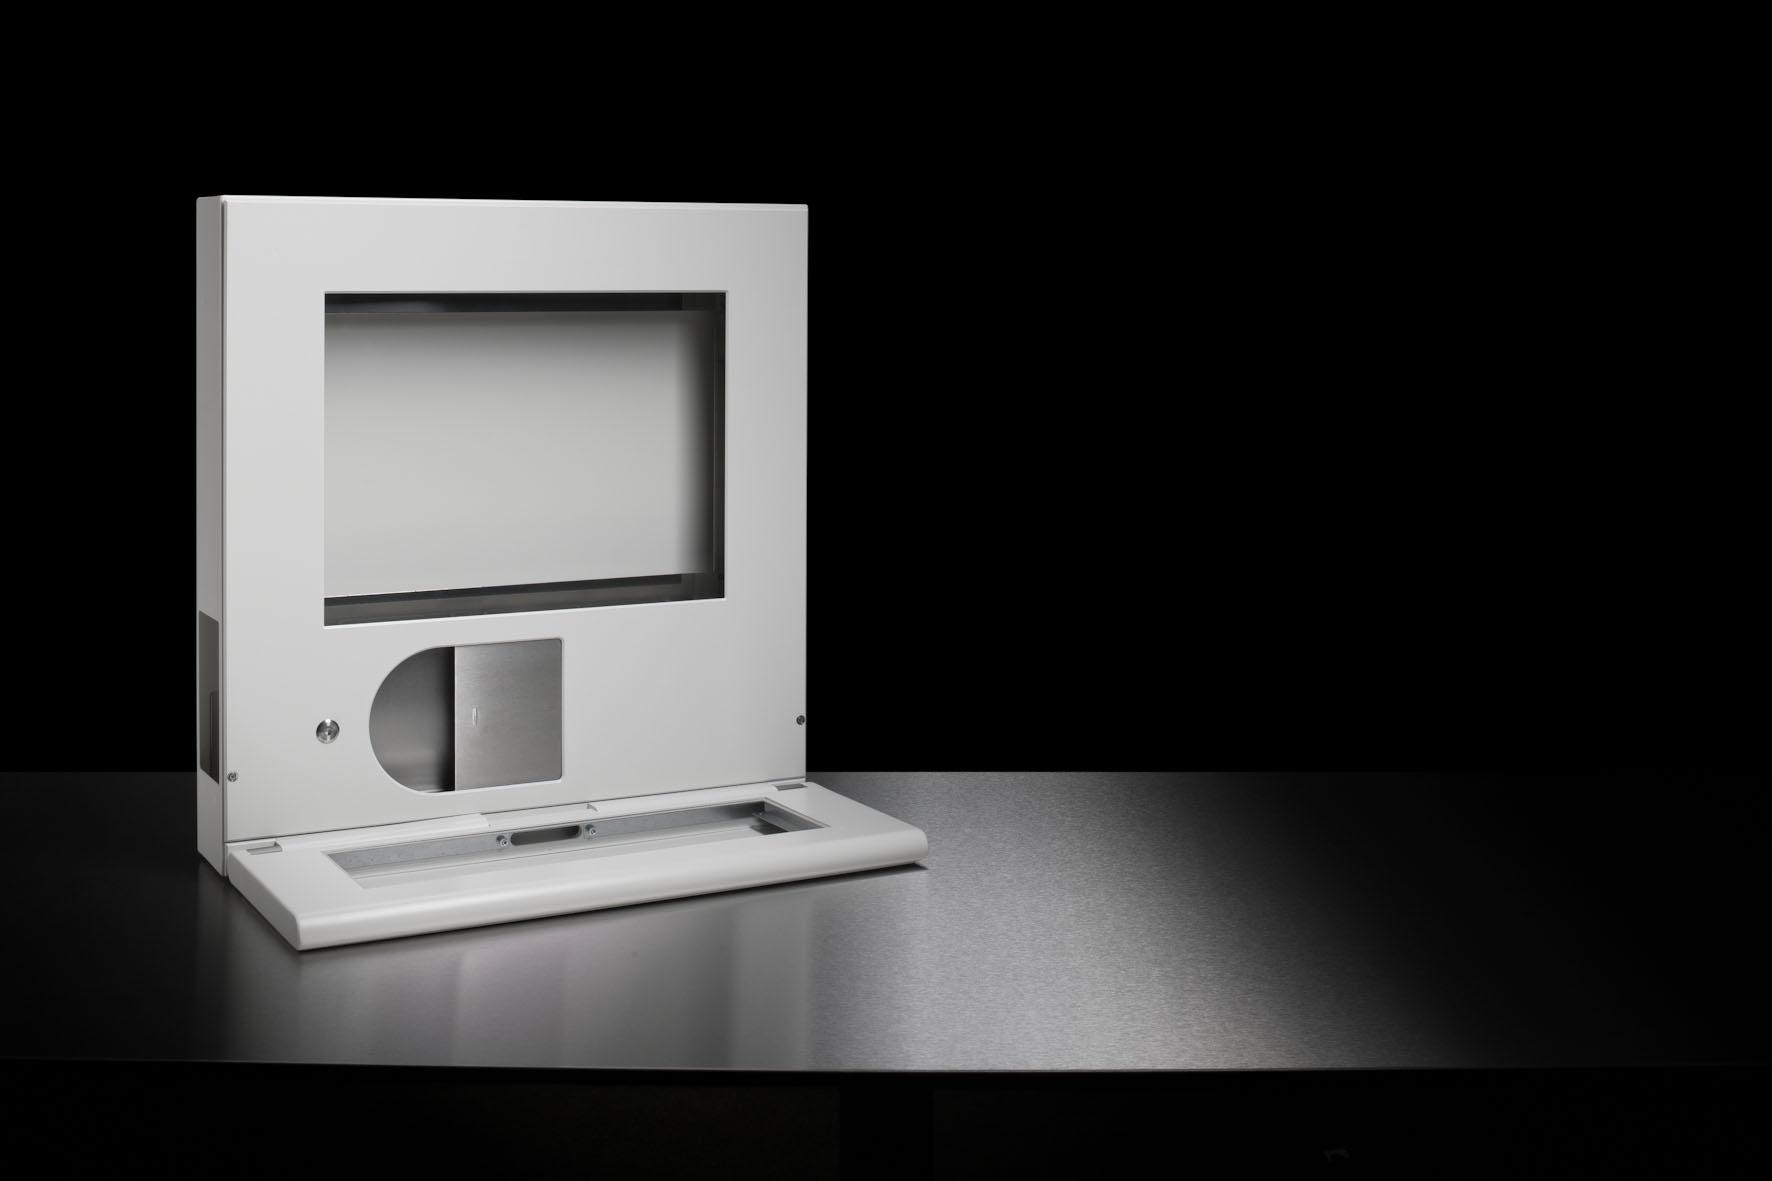 Weißes Wandgehäuse mit Display und Aussparung für Tastatur für die Medizintechnik